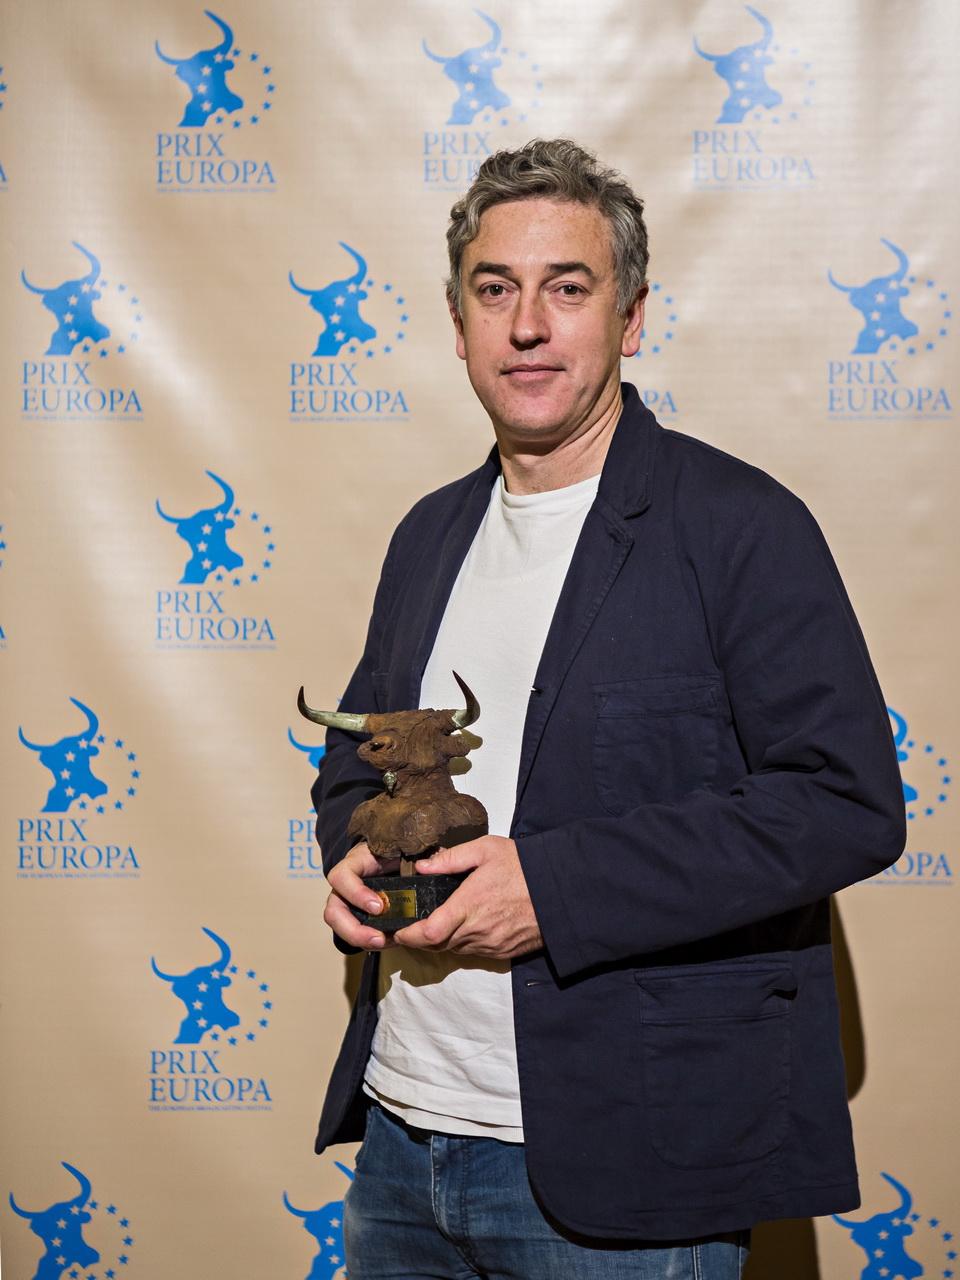 Prix Europa 2016 Winner Digital Audio Tim Hinman. Photo: David von Becker